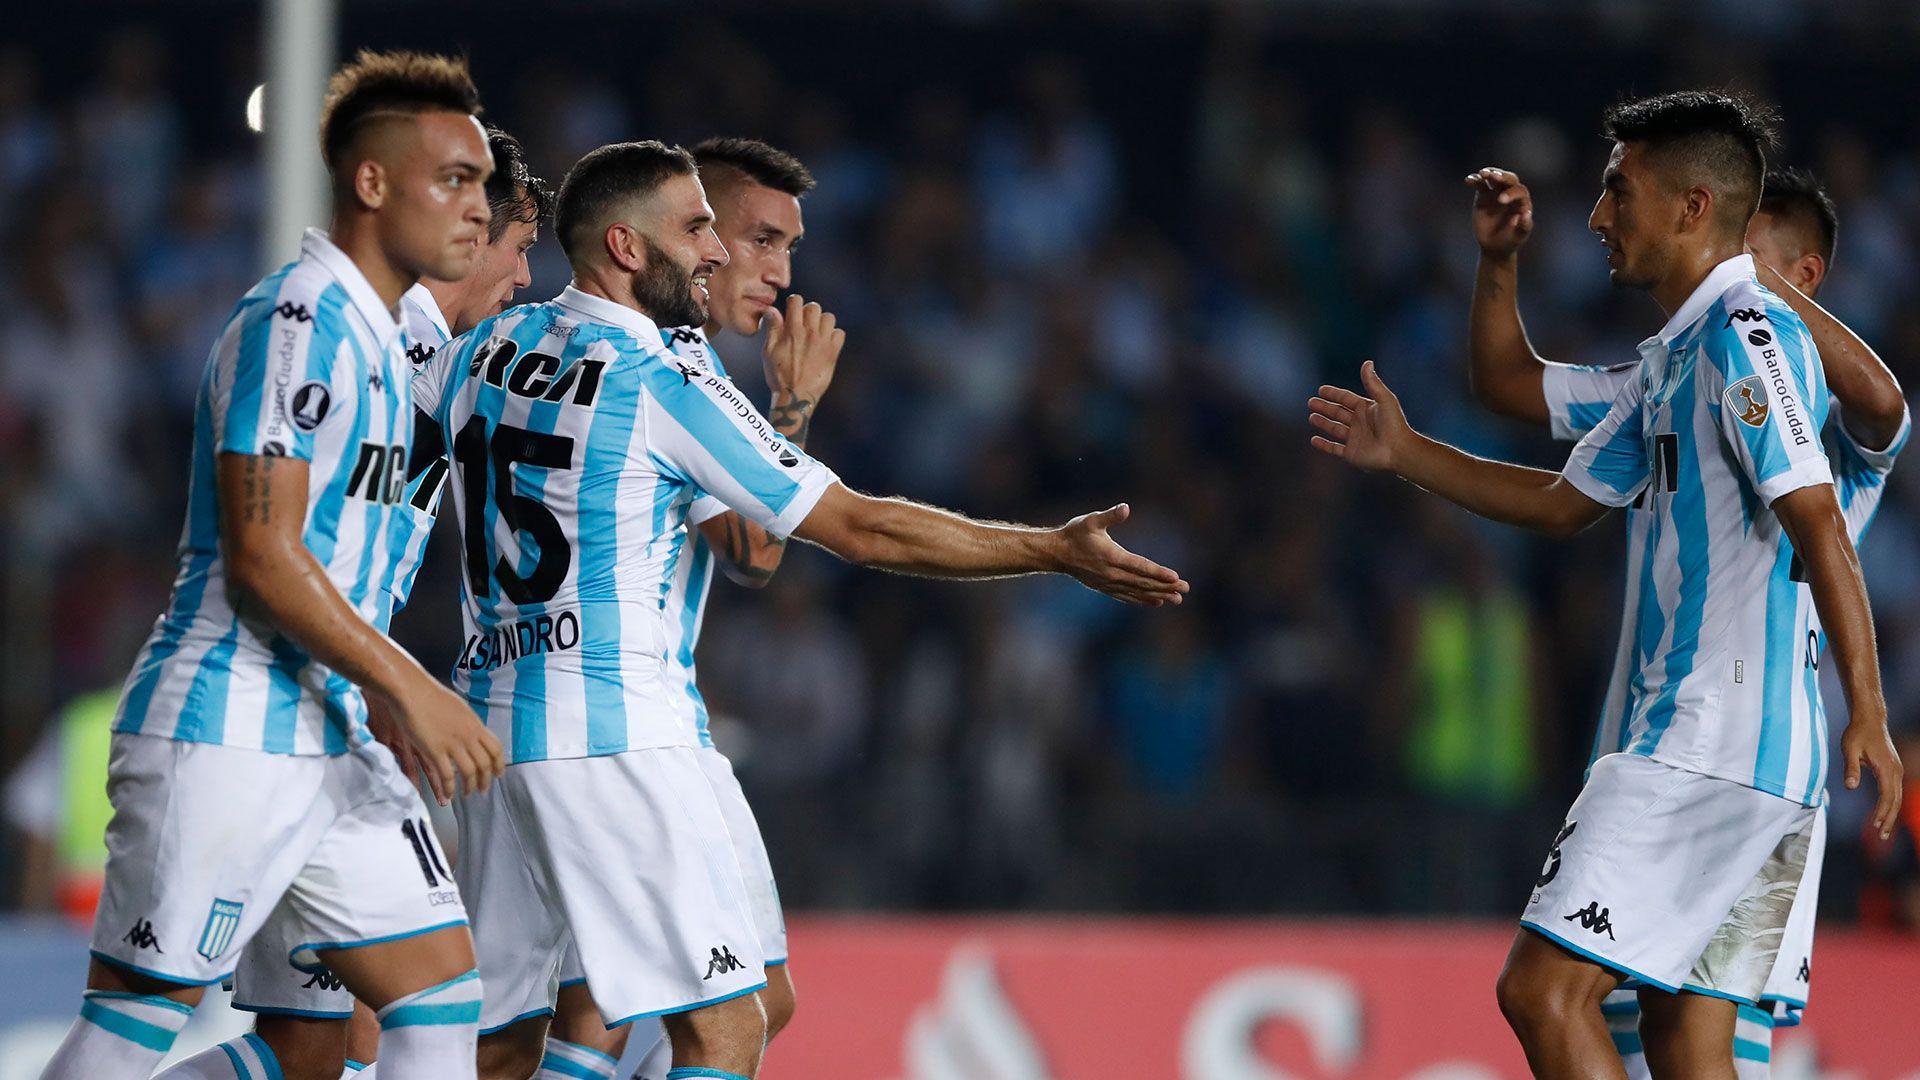 Racing ganó en Rosario por los goles de sus juveniles